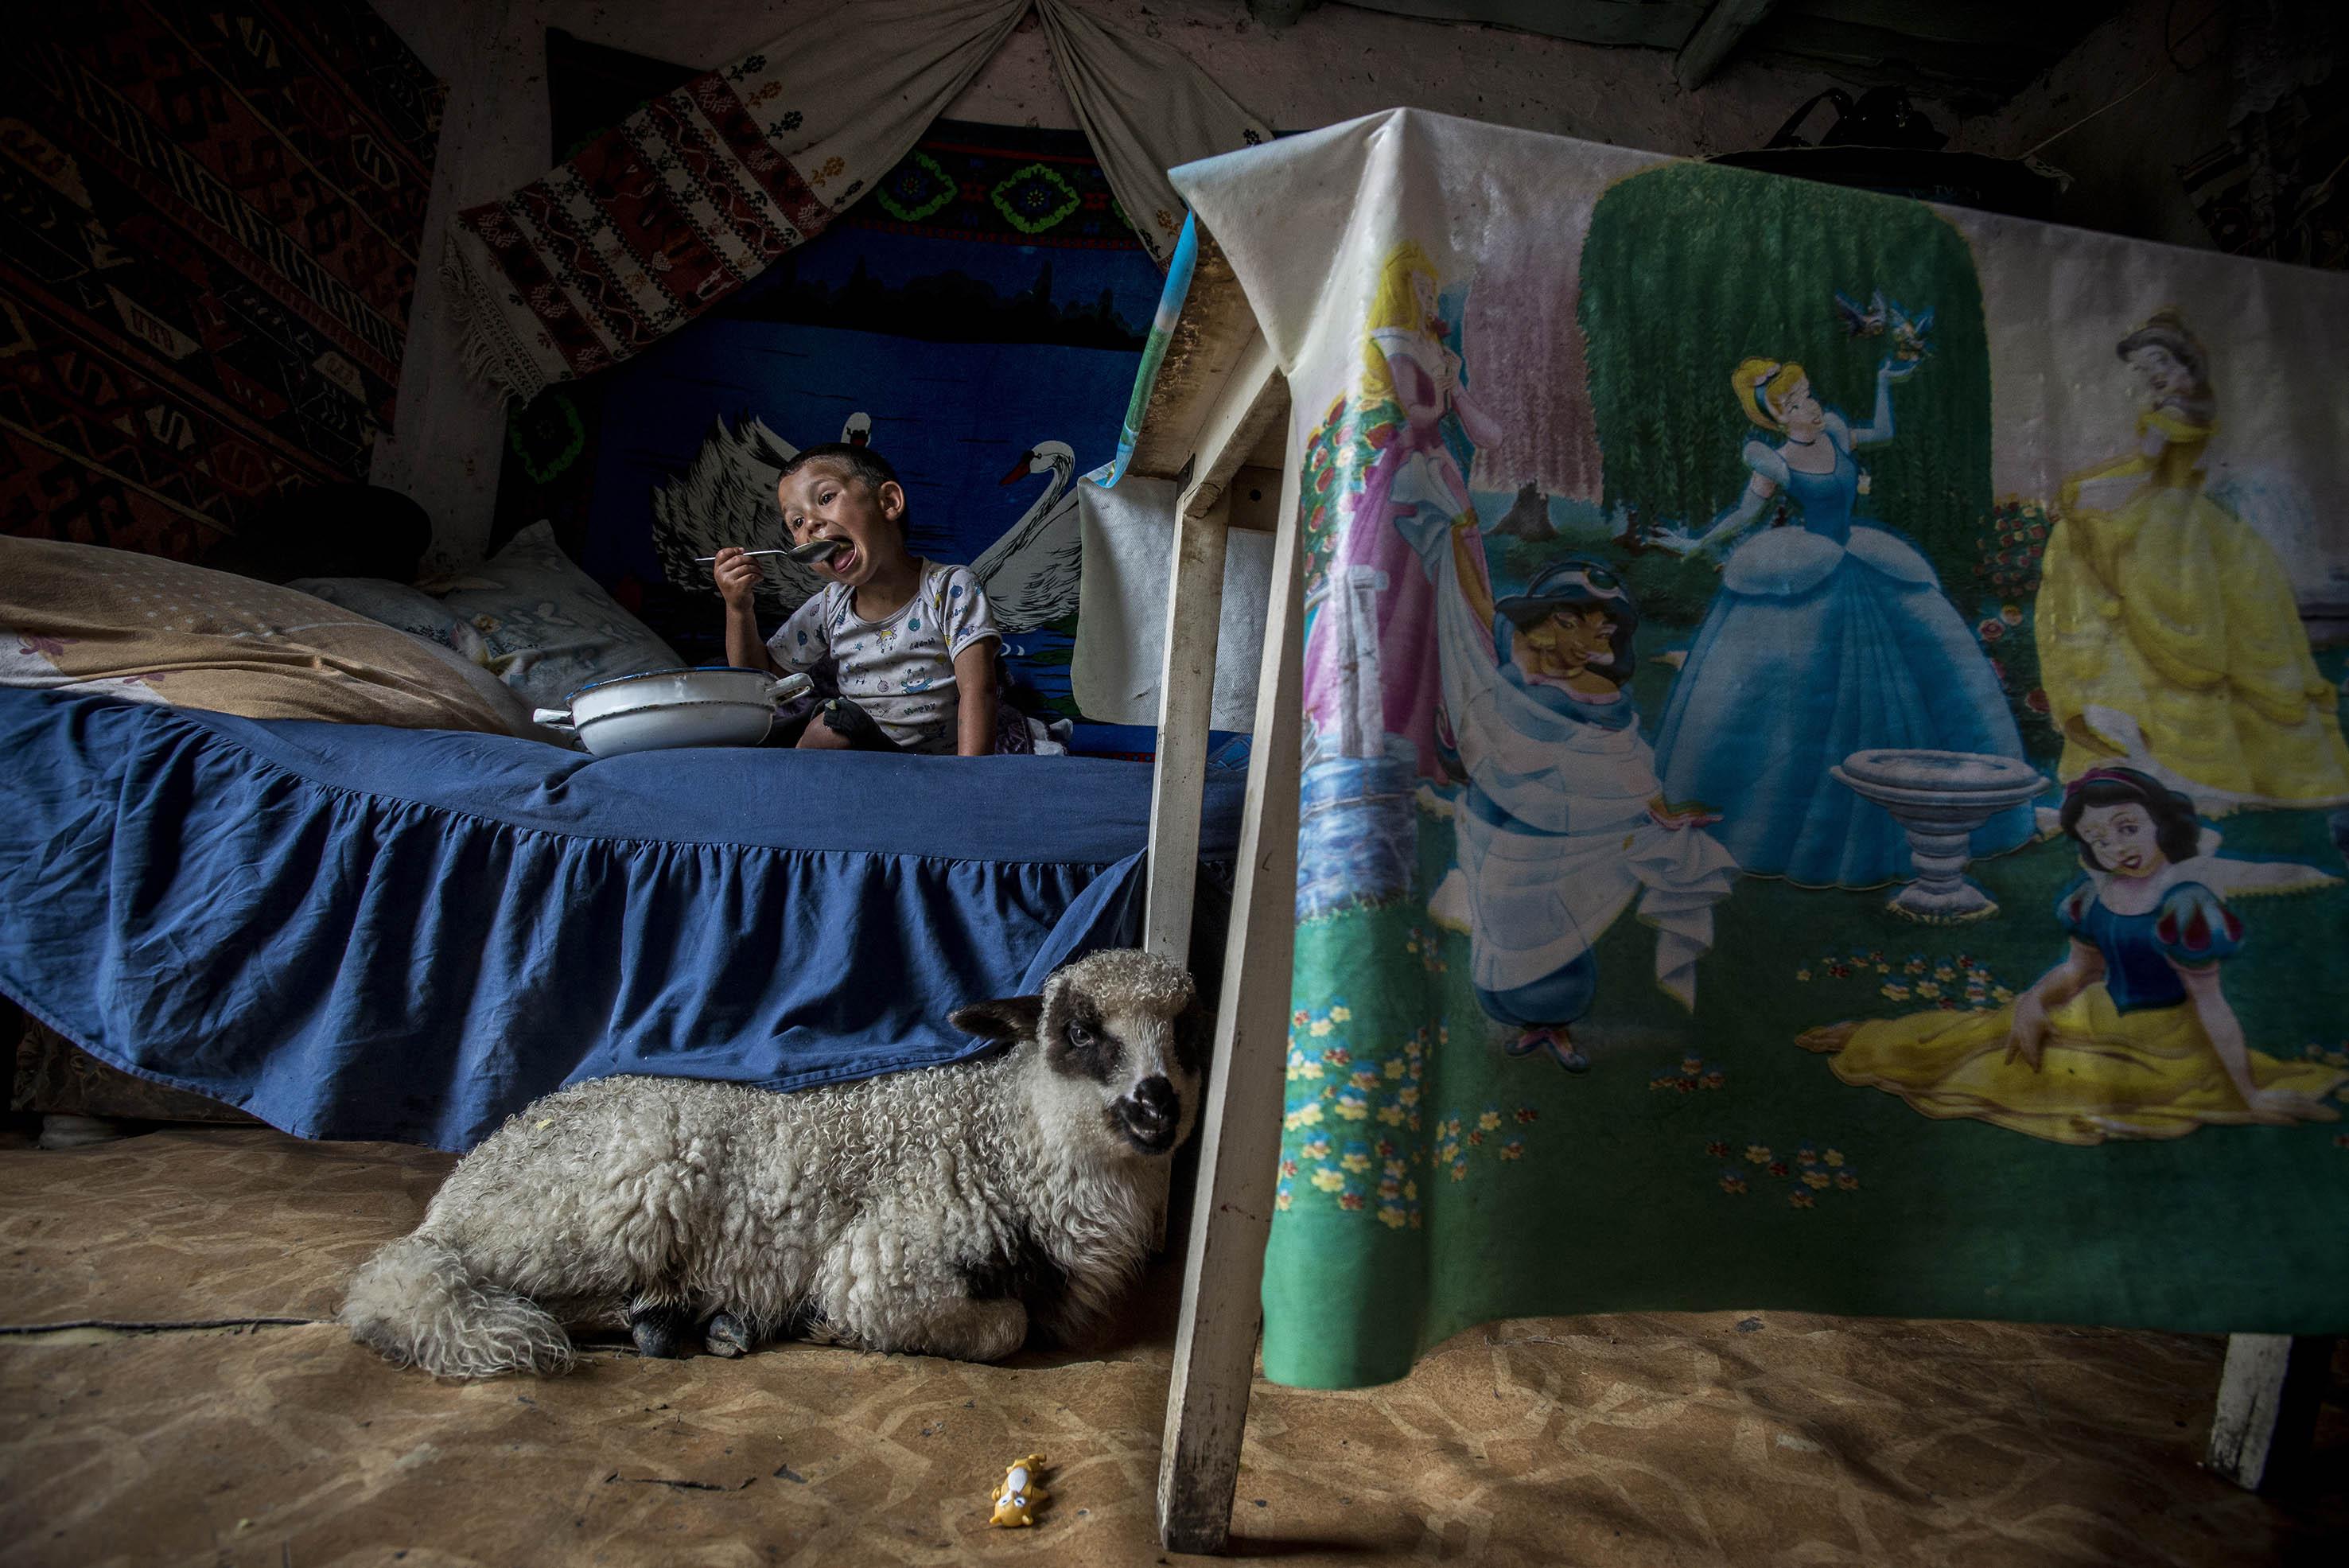 Kati öt gyermekével már közel egy évtizede él a Craicán egy nyolc négyzetméteres viskóban. A képen Rohit nevű gyermeke ebédel, 2013. május<br /><br />Fotó: Hajdú D. András / Magyar Sajtófotó Pályázat